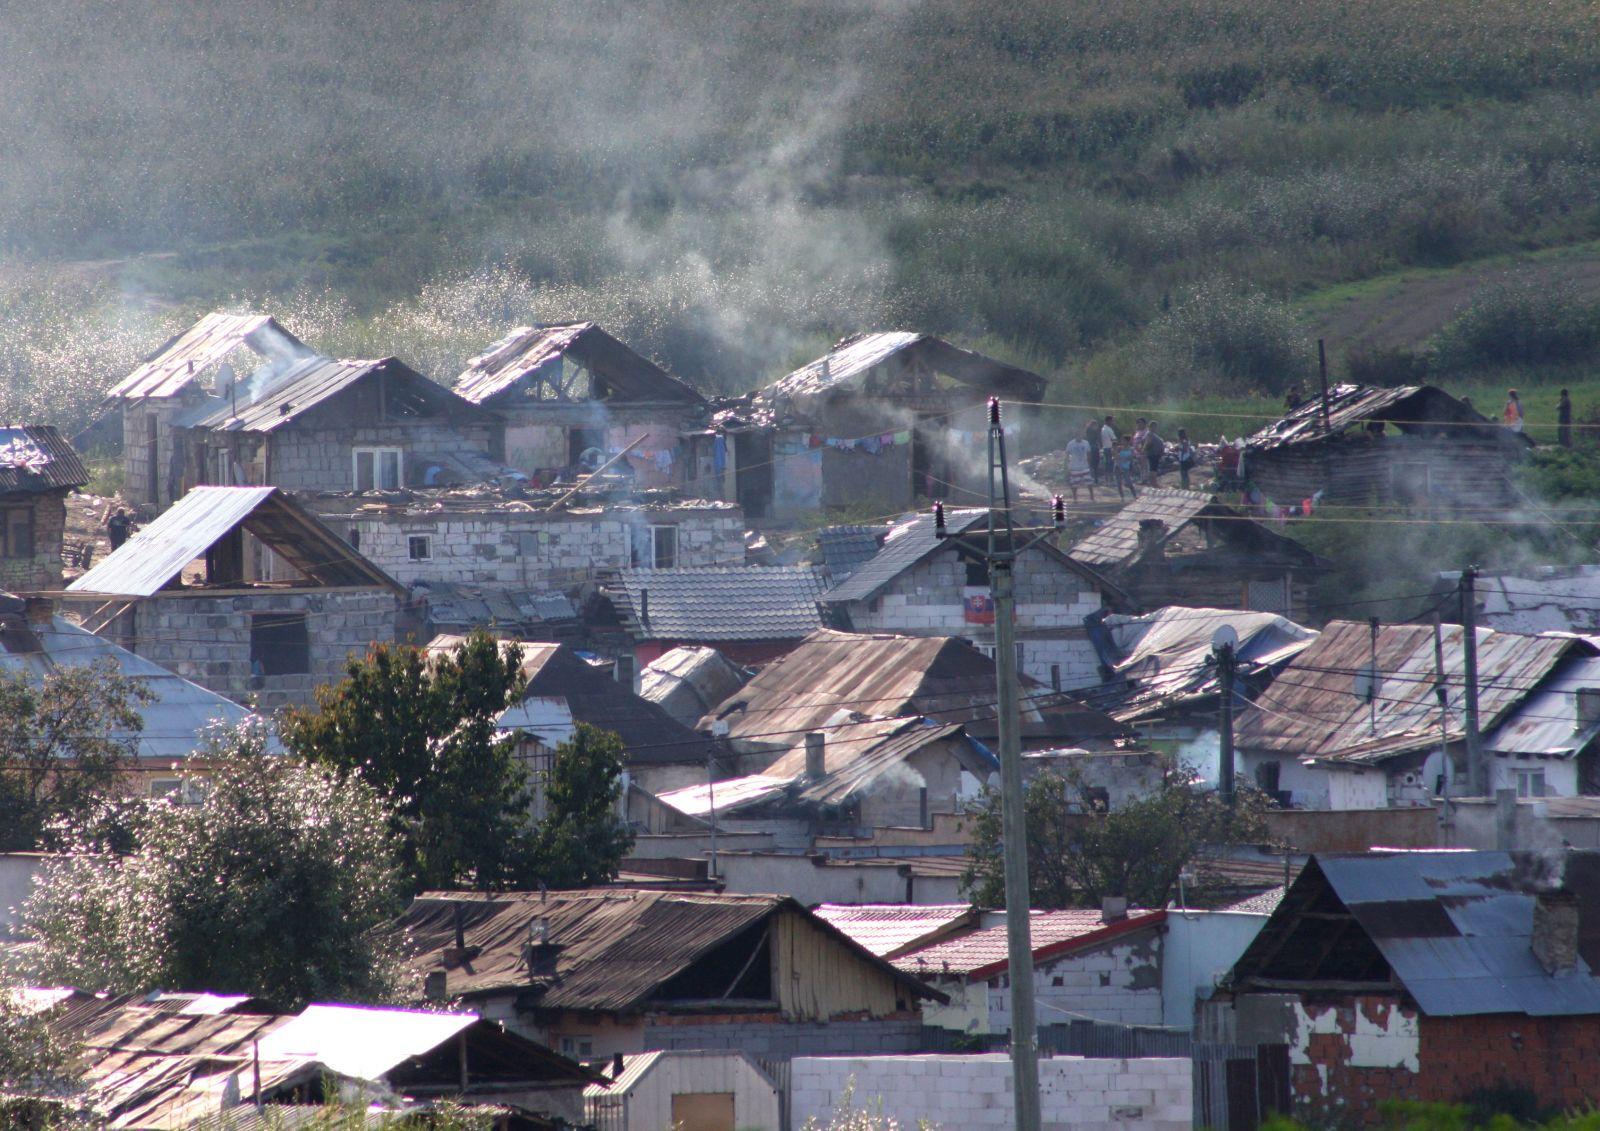 Nazreli sme do rómskych domov a boli sme prekvapení. Našli sme veselé interiéry, slušné bývanie, chuť stavať a pracovať